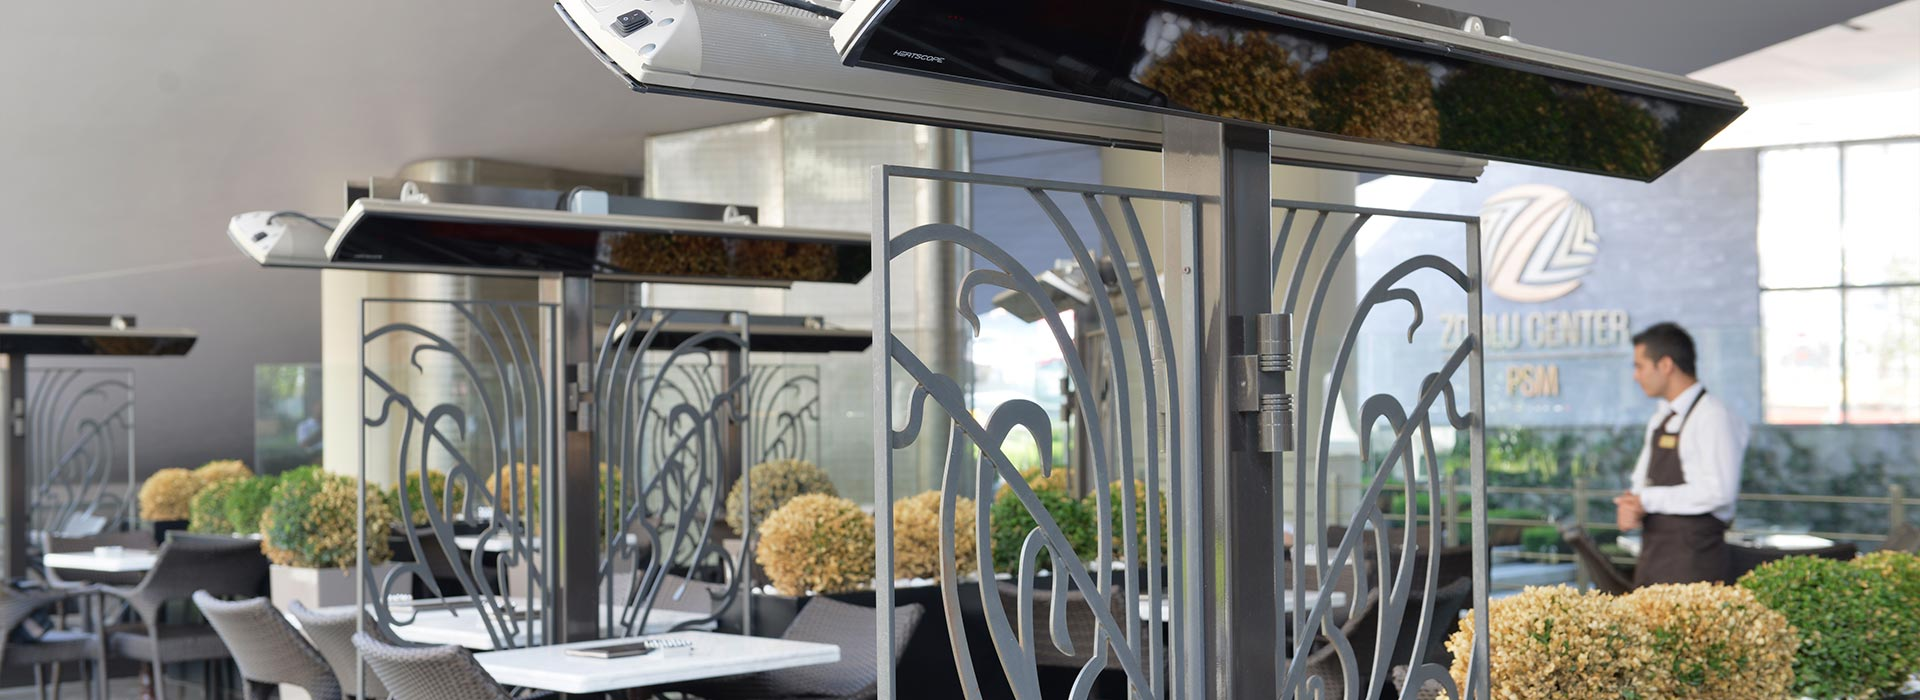 Heizung Heatscope Glashaus light Glashaus Rehm